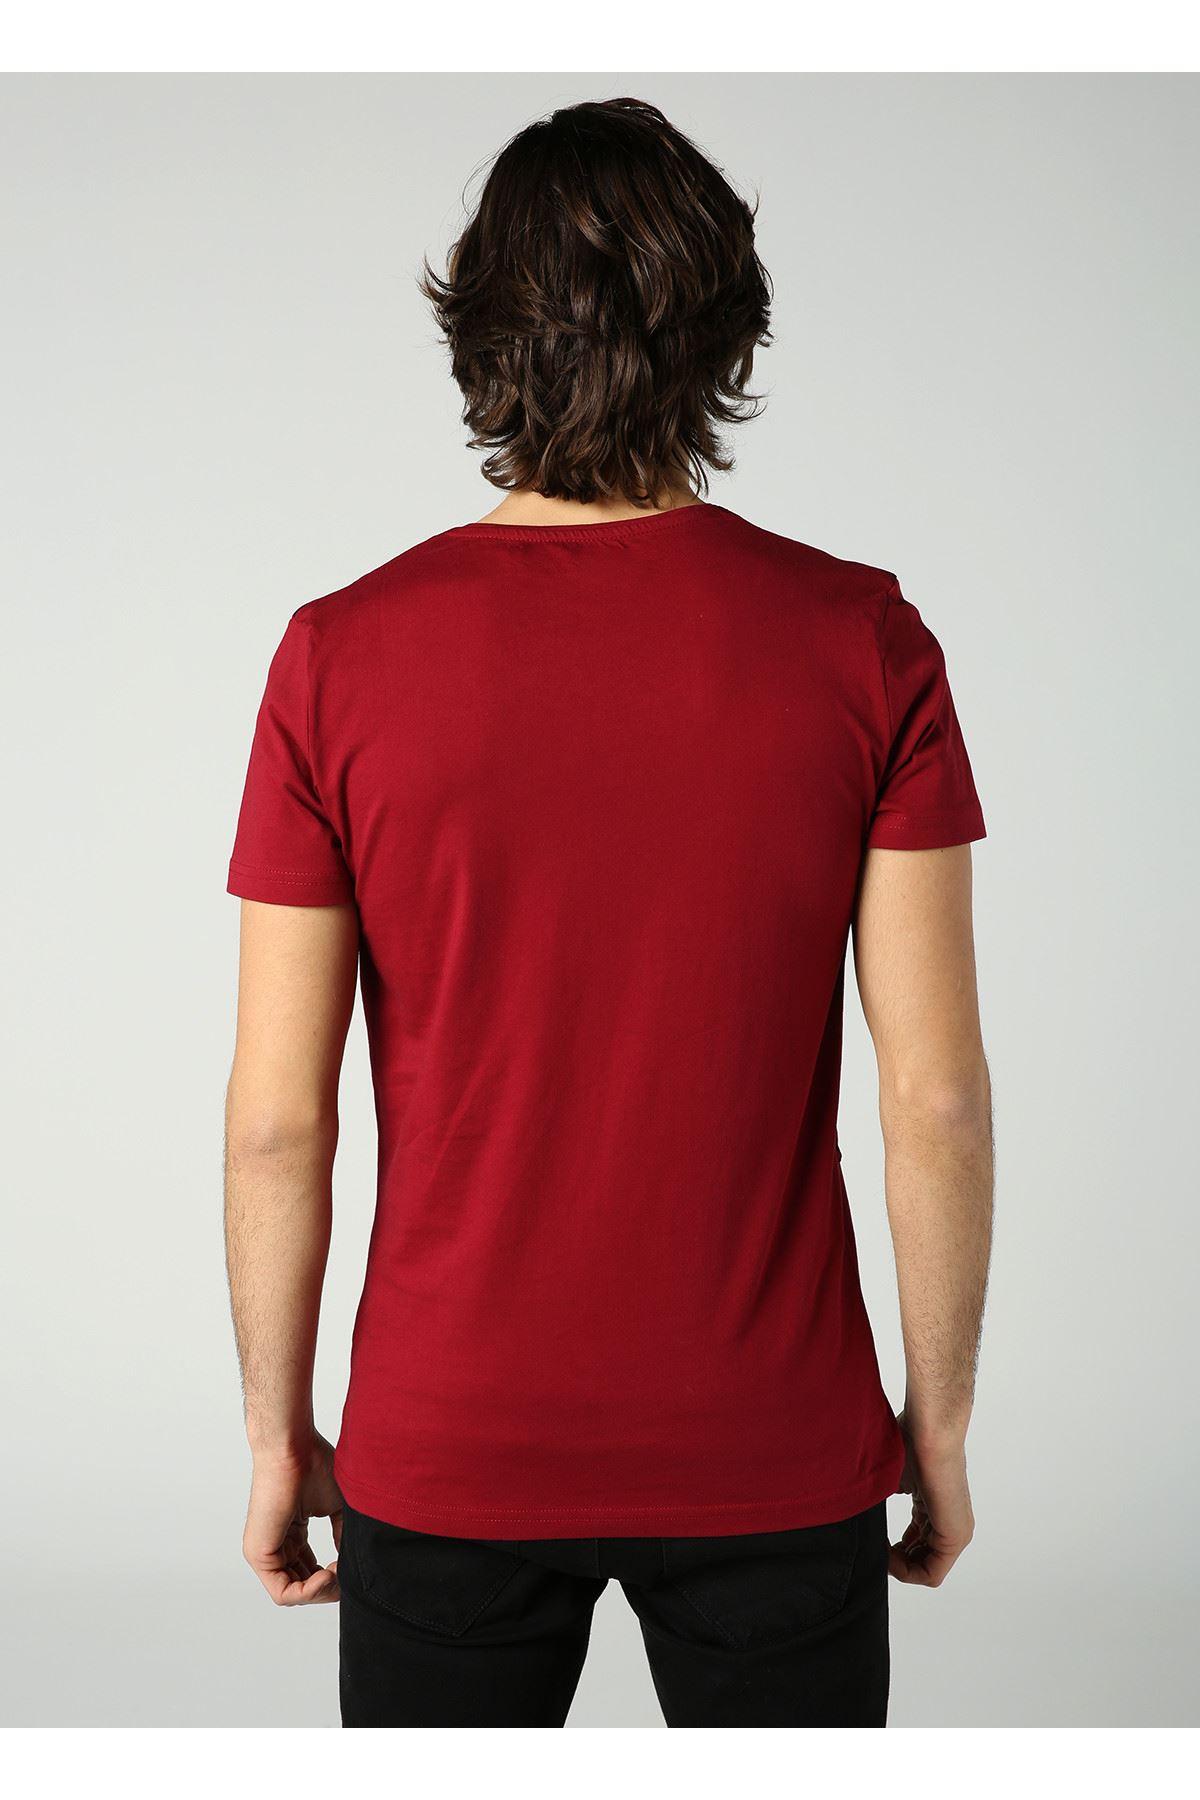 Bisiklet Yaka Çizgi Baskılı Erkek Bordo T-Shirt